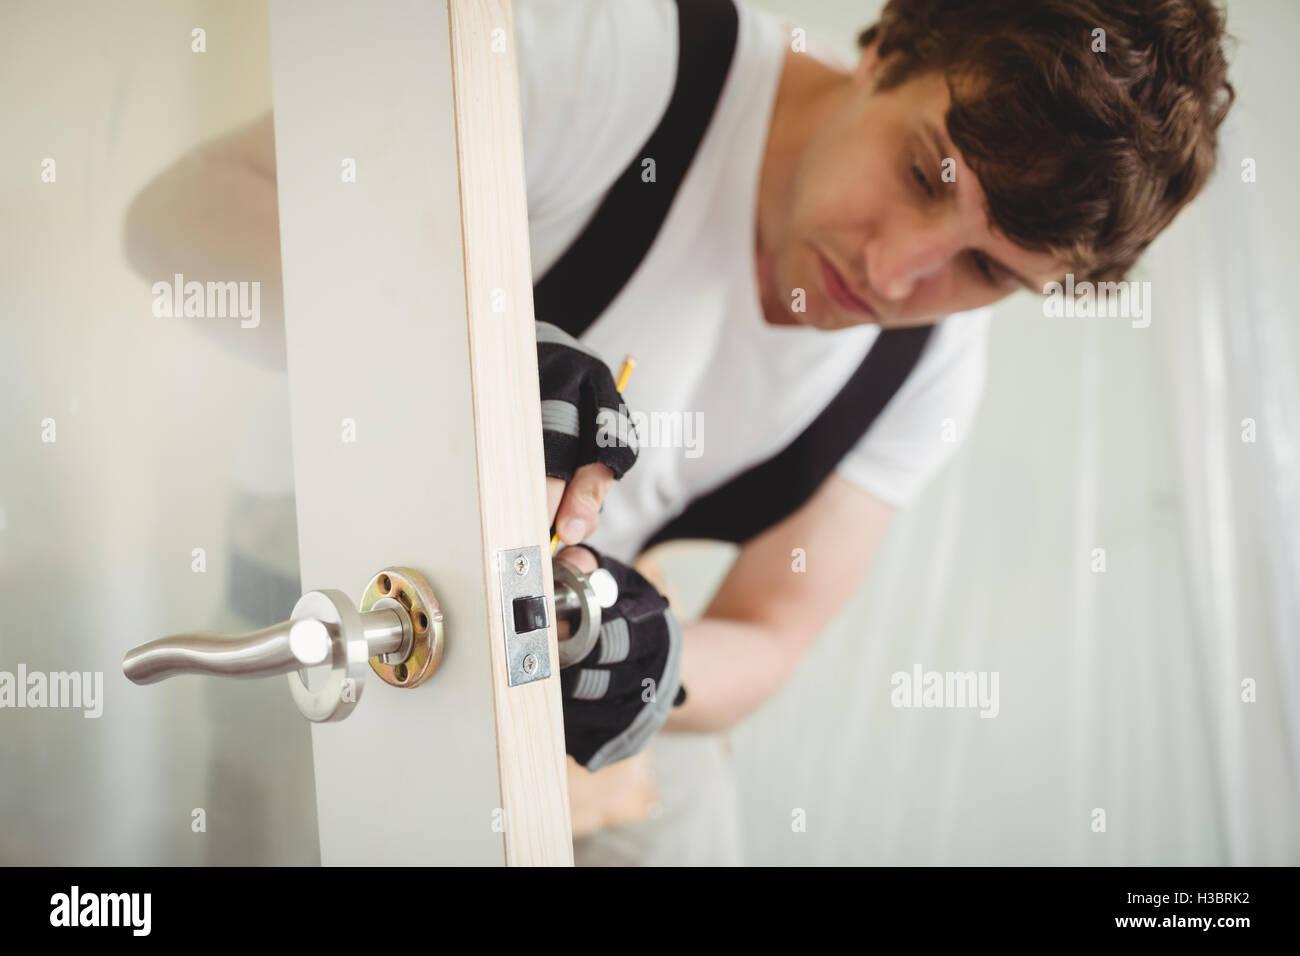 Carpenter Fixing Door Lock